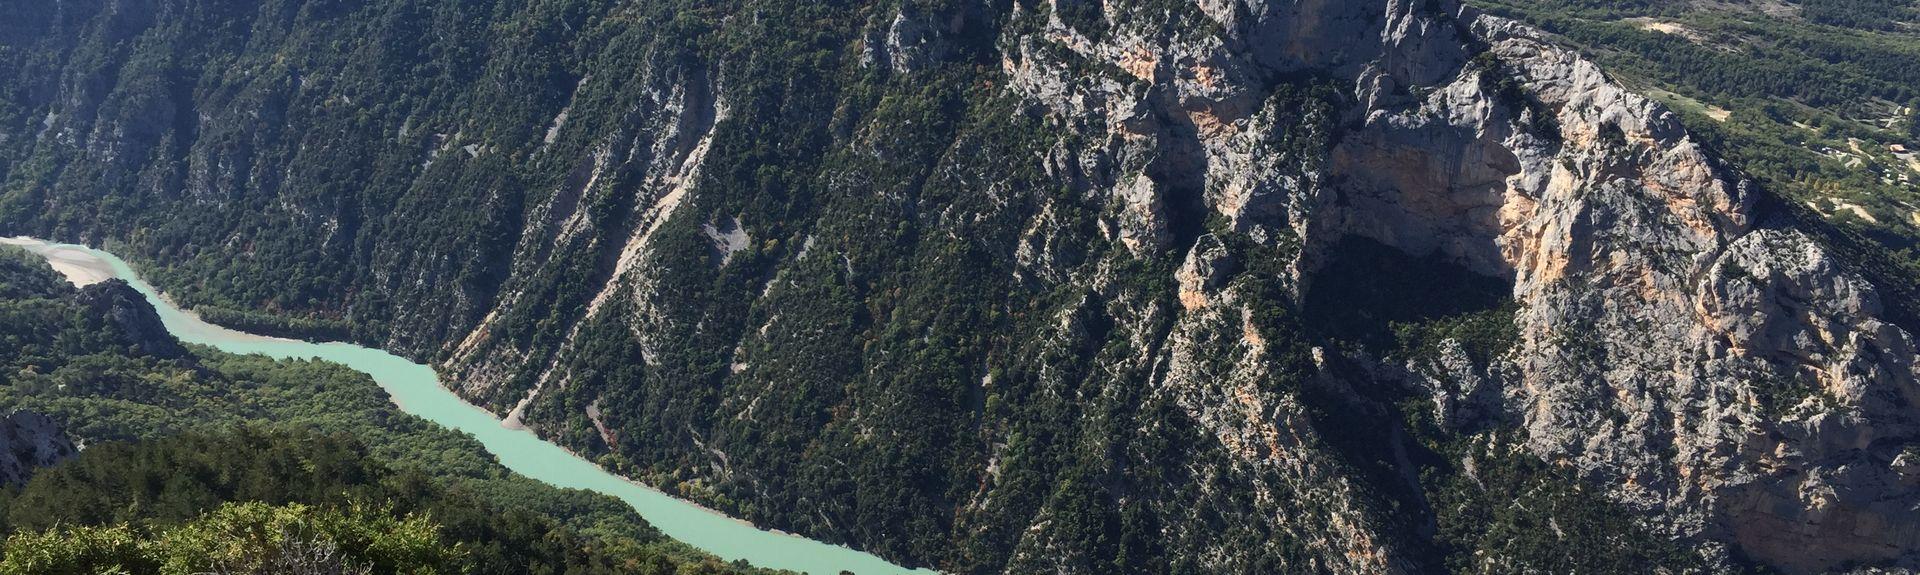 Le Castellard-Mélan, Alpes-de-Haute-Provence (department), France